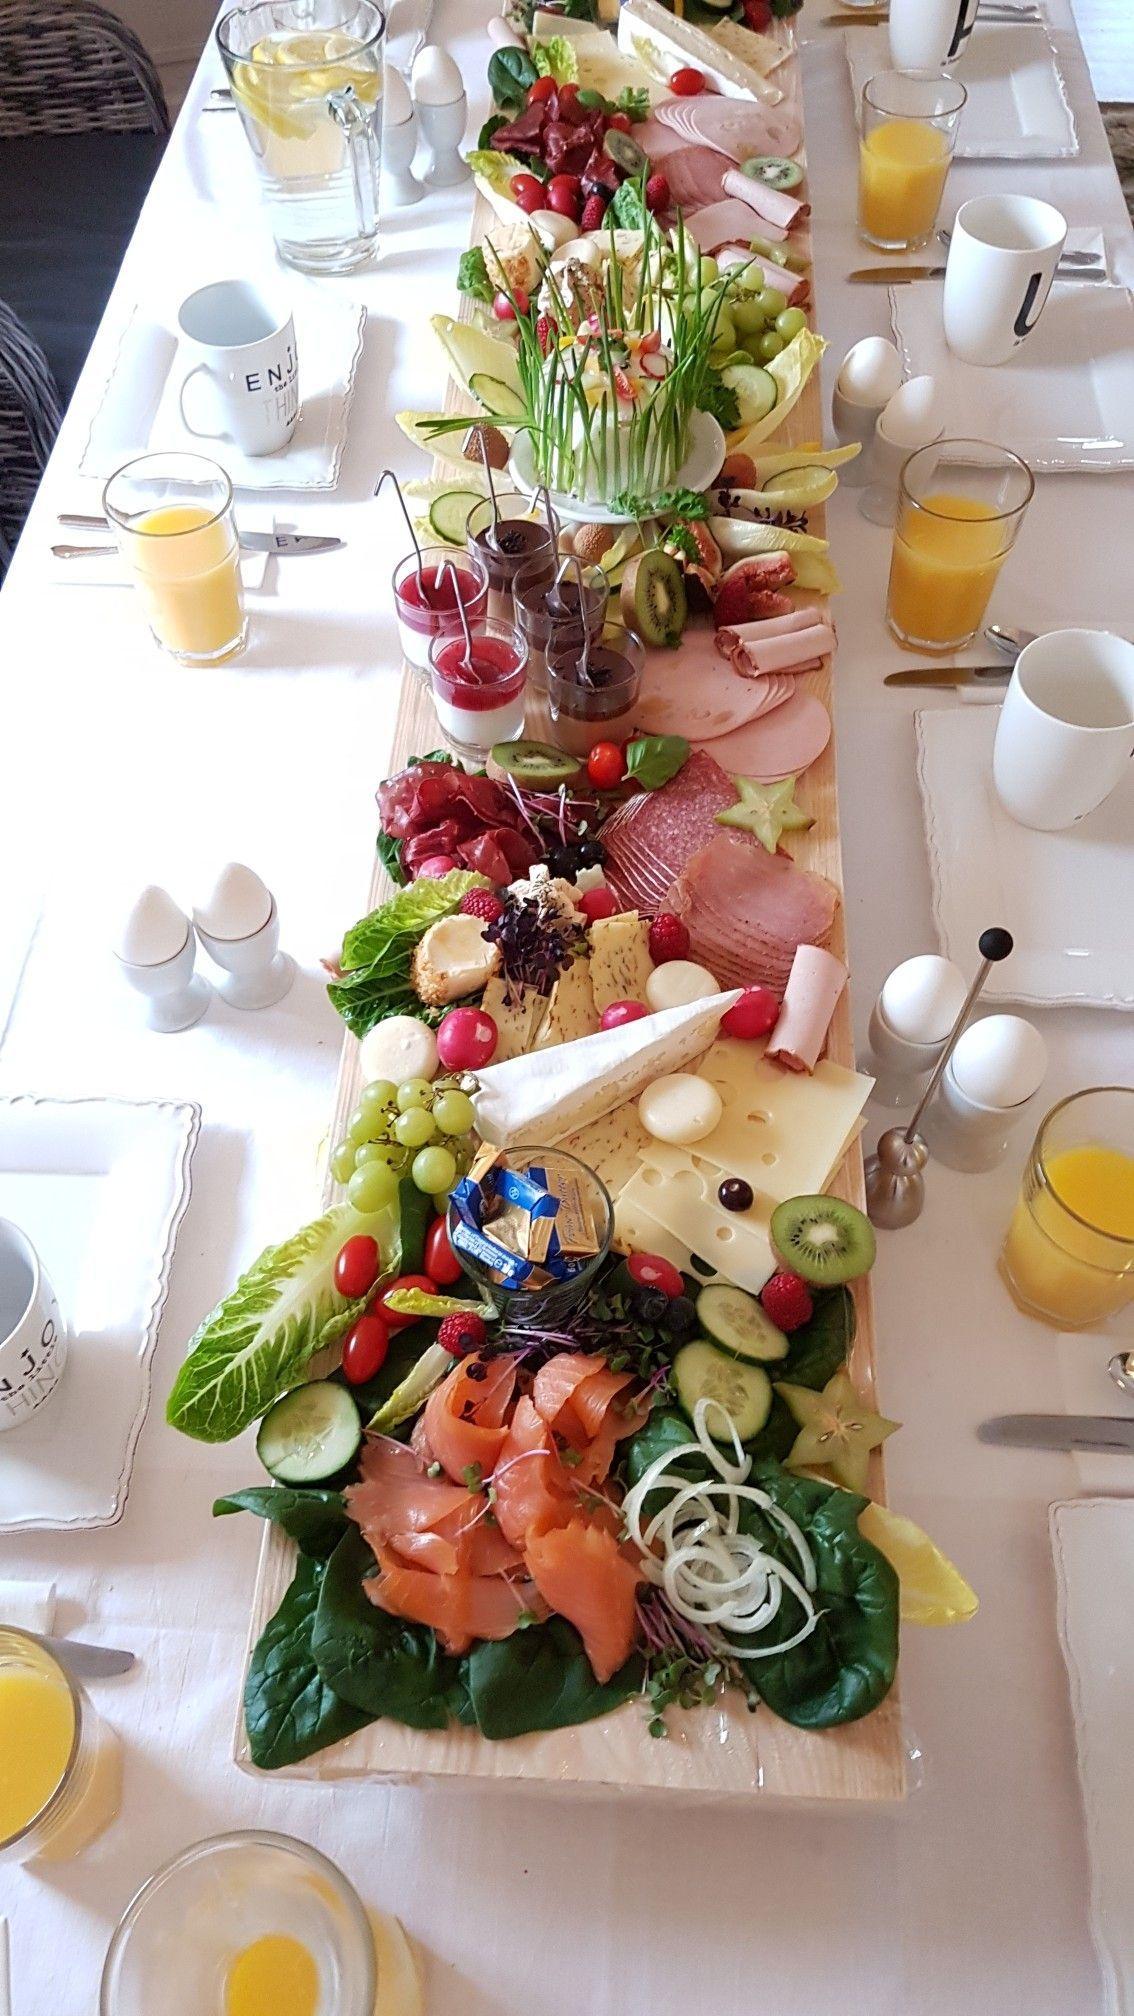 Fruhstucksbuffet Partyfoodplatters Ekor Brunch Buffet Party Buffet Buffet Food